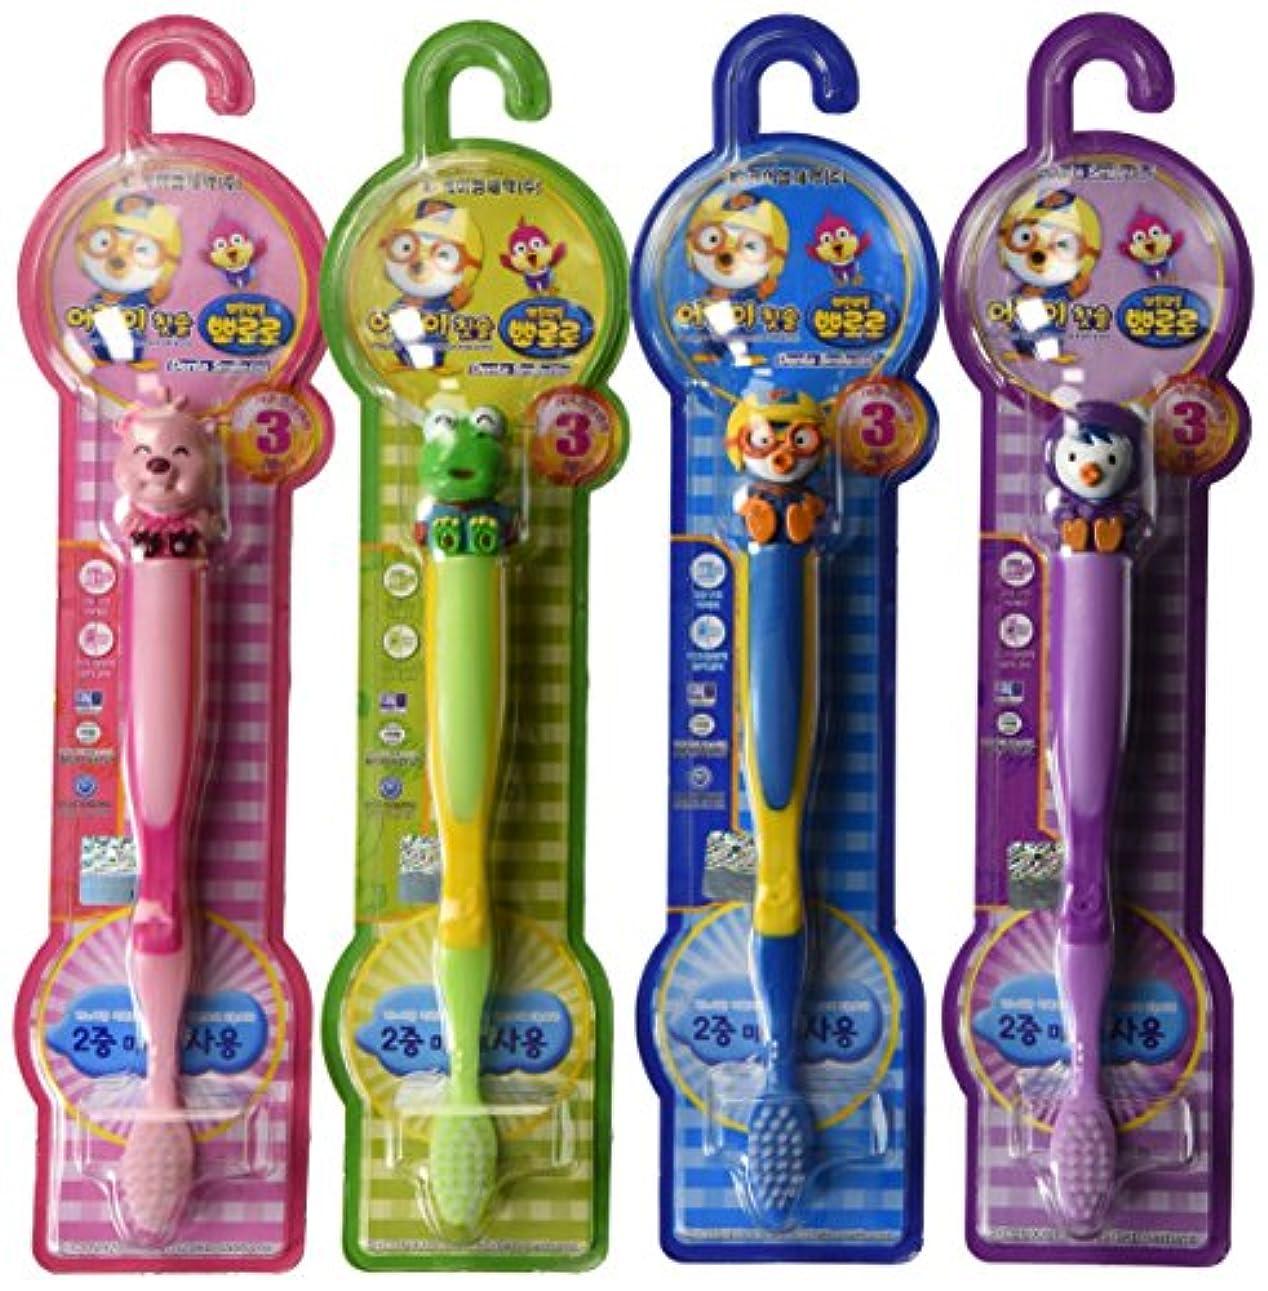 宿泊提供するアンビエントPororo Kids Children Toothbrush Toothpaste (4units) by TheJD [並行輸入品]